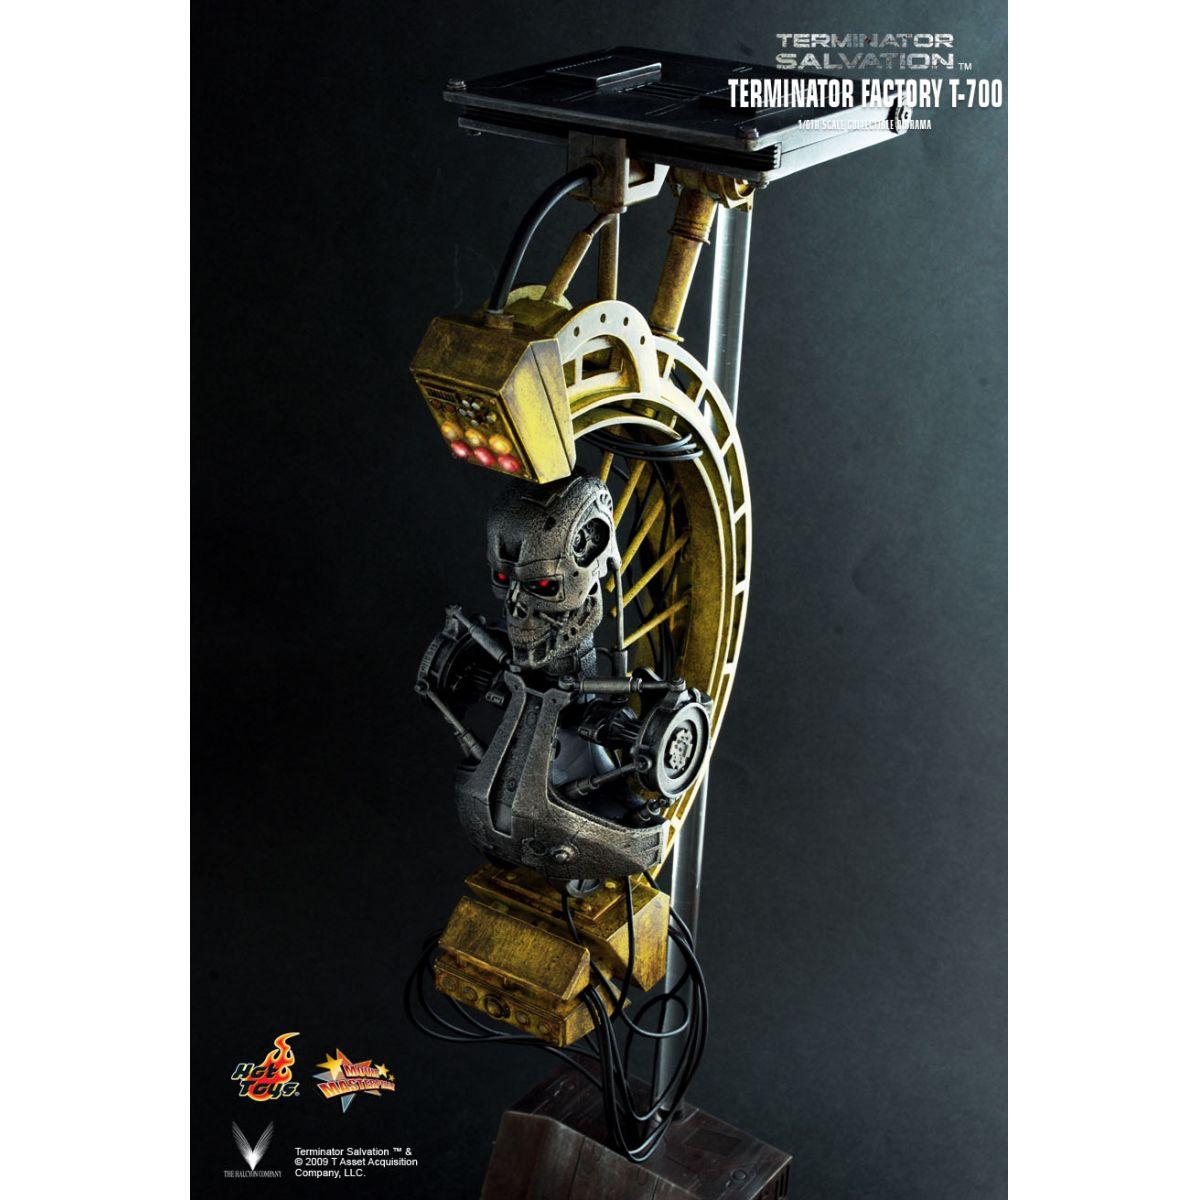 Estátua T-700: O Exterminador do Futuro: A Salvação (Terminator Salvation) Factory Diorama Escala 1/6 - Hot Toys